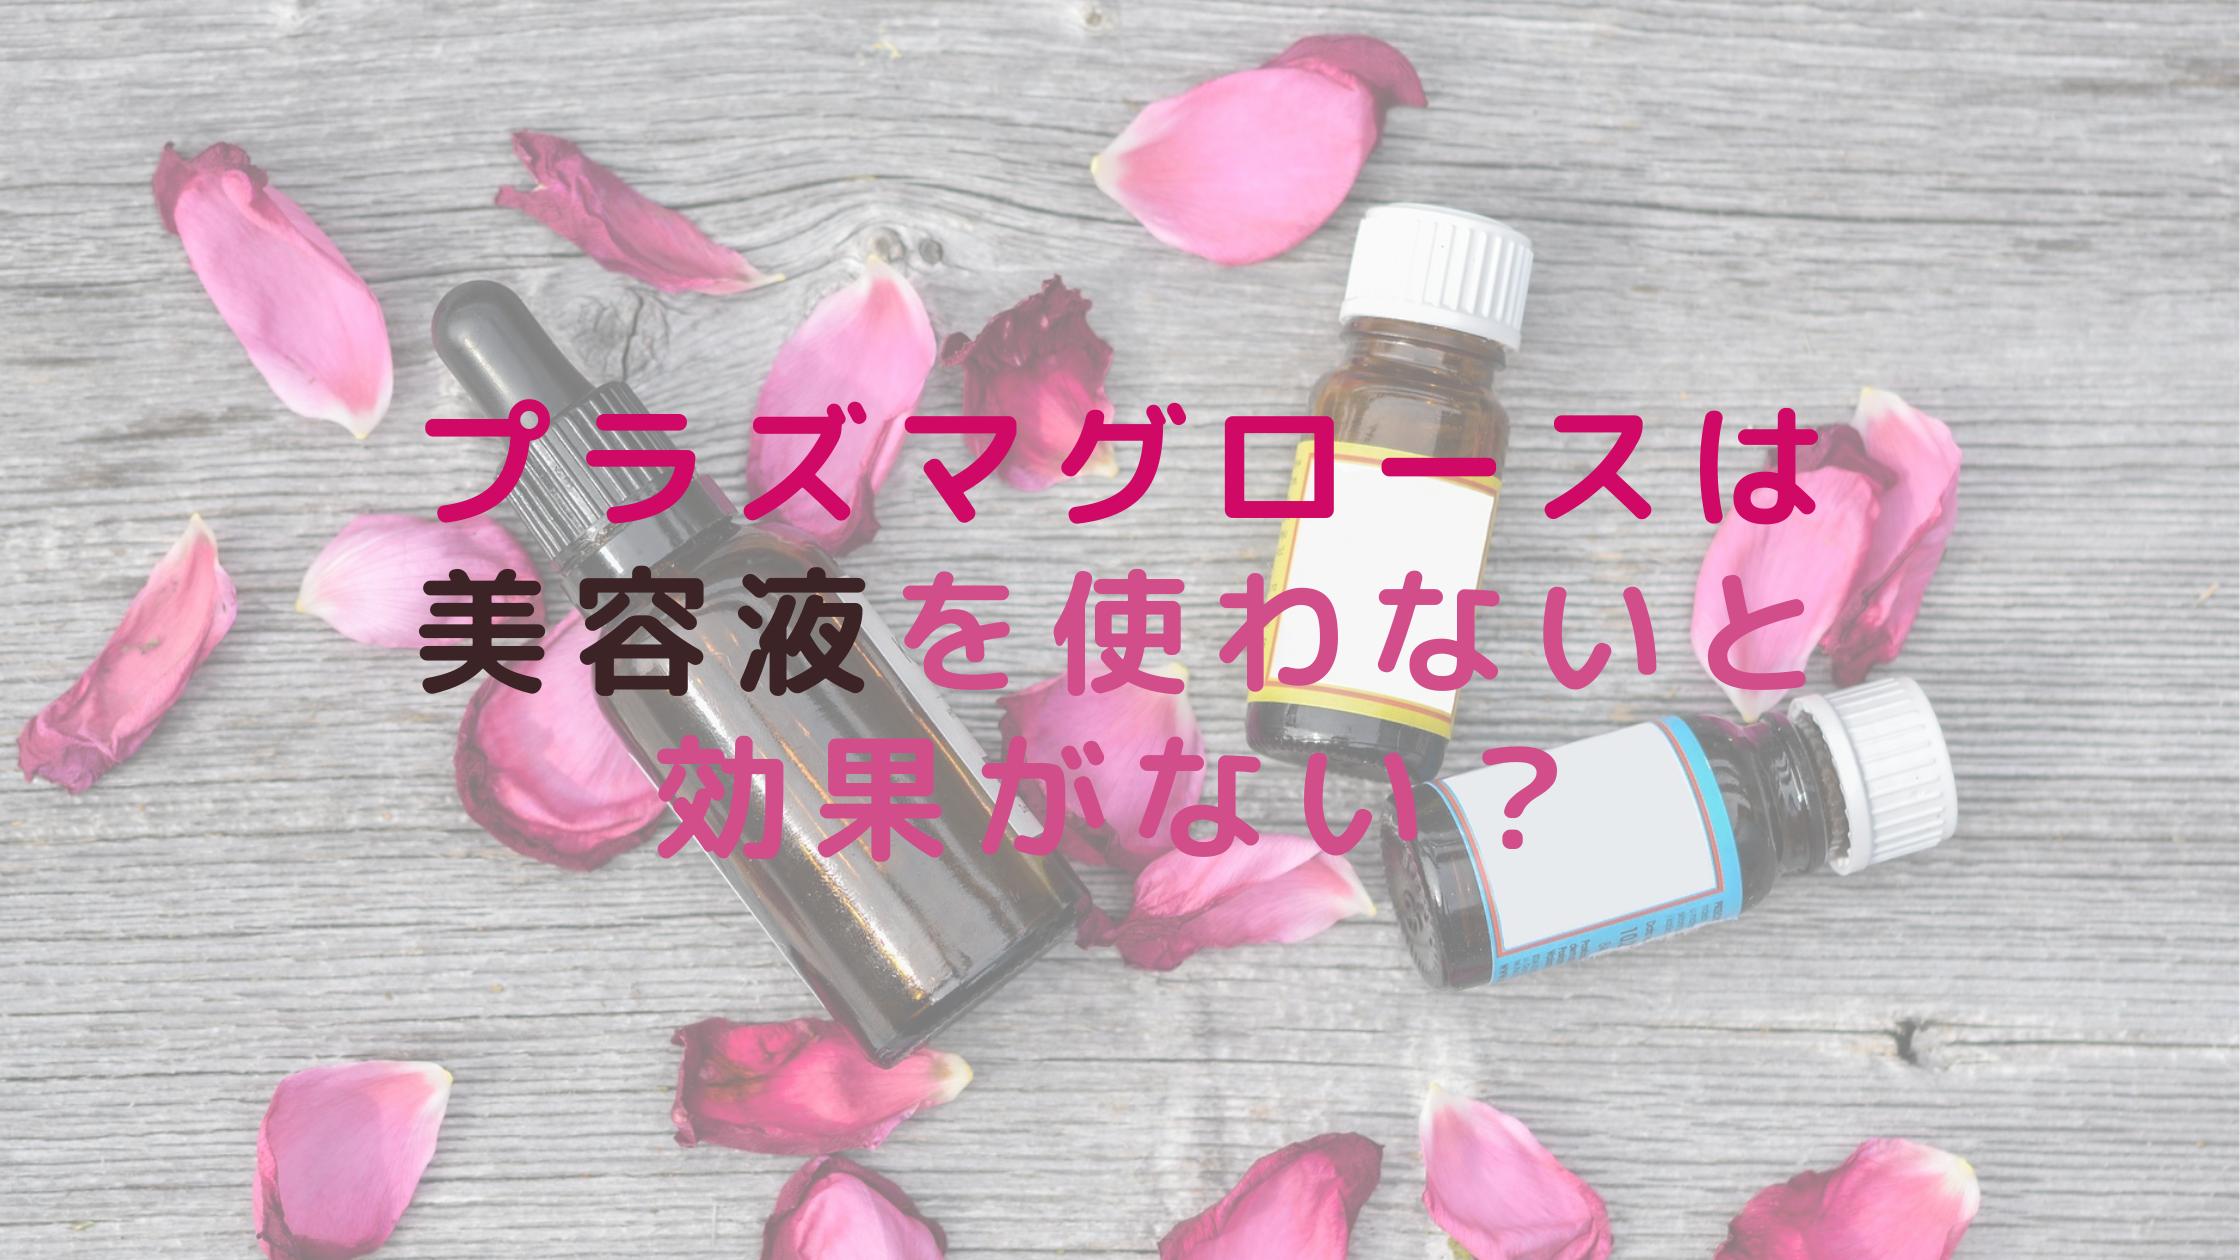 プラズマグロースは美容液を使わないと効果がない?